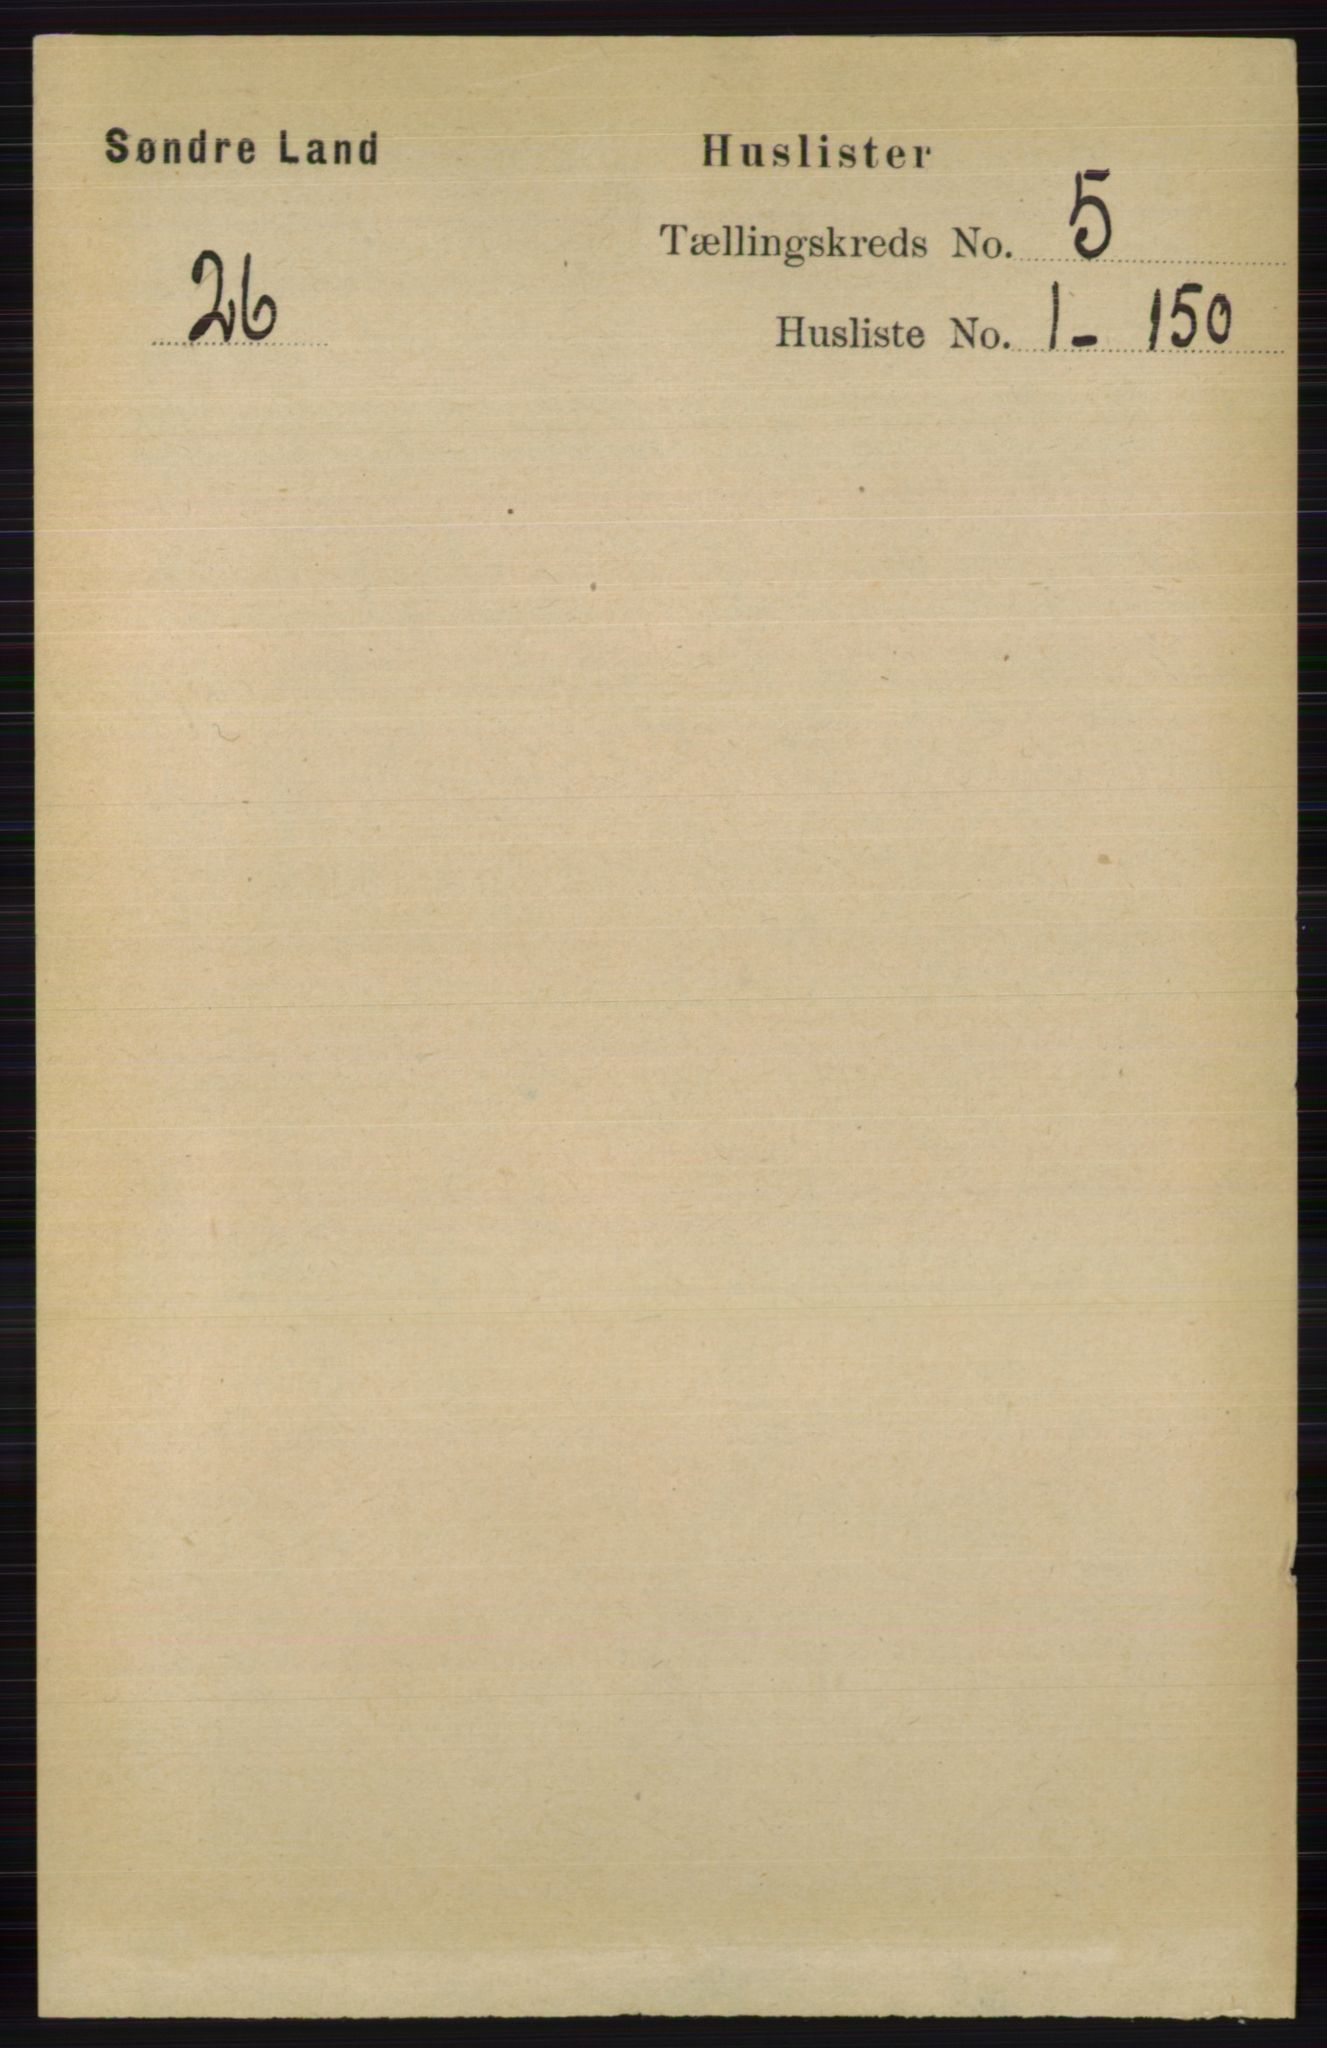 RA, Folketelling 1891 for 0536 Søndre Land herred, 1891, s. 4657